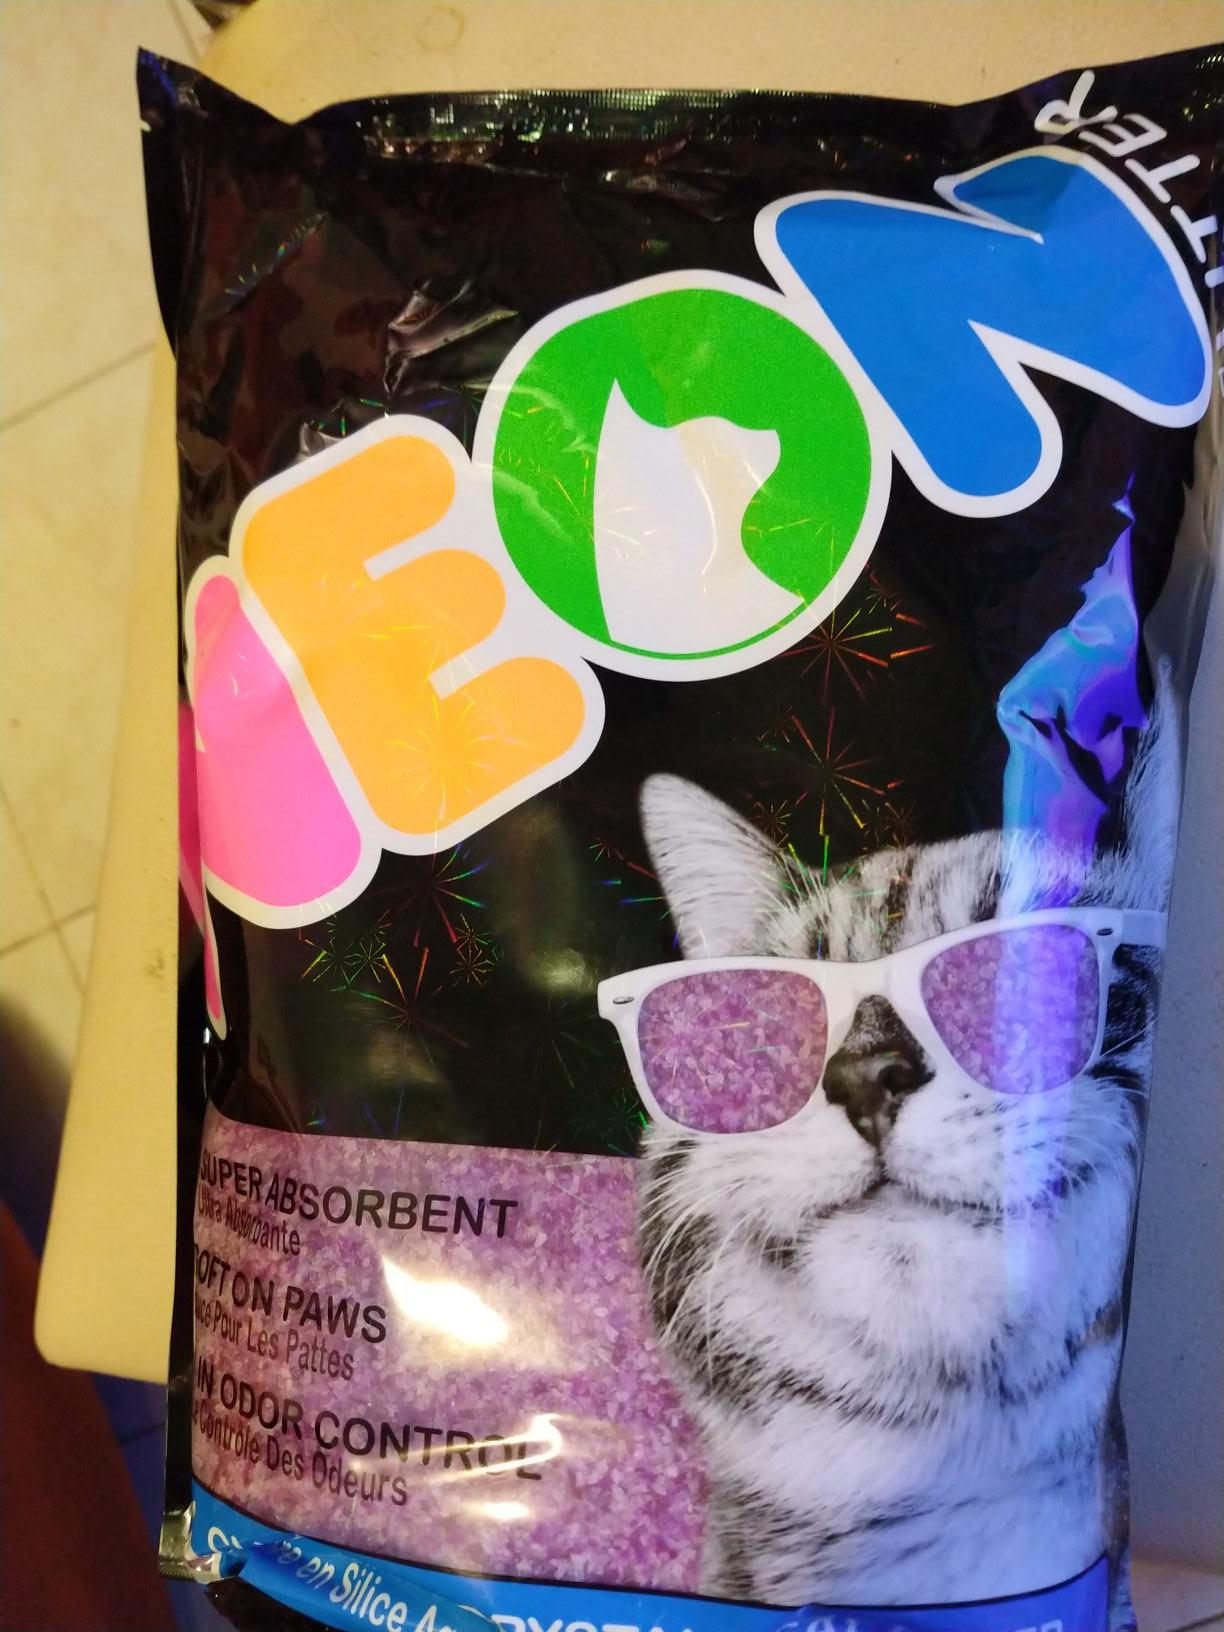 Walmart paquete: arena neon + 1.3kg minino plus + 2 pouches plus